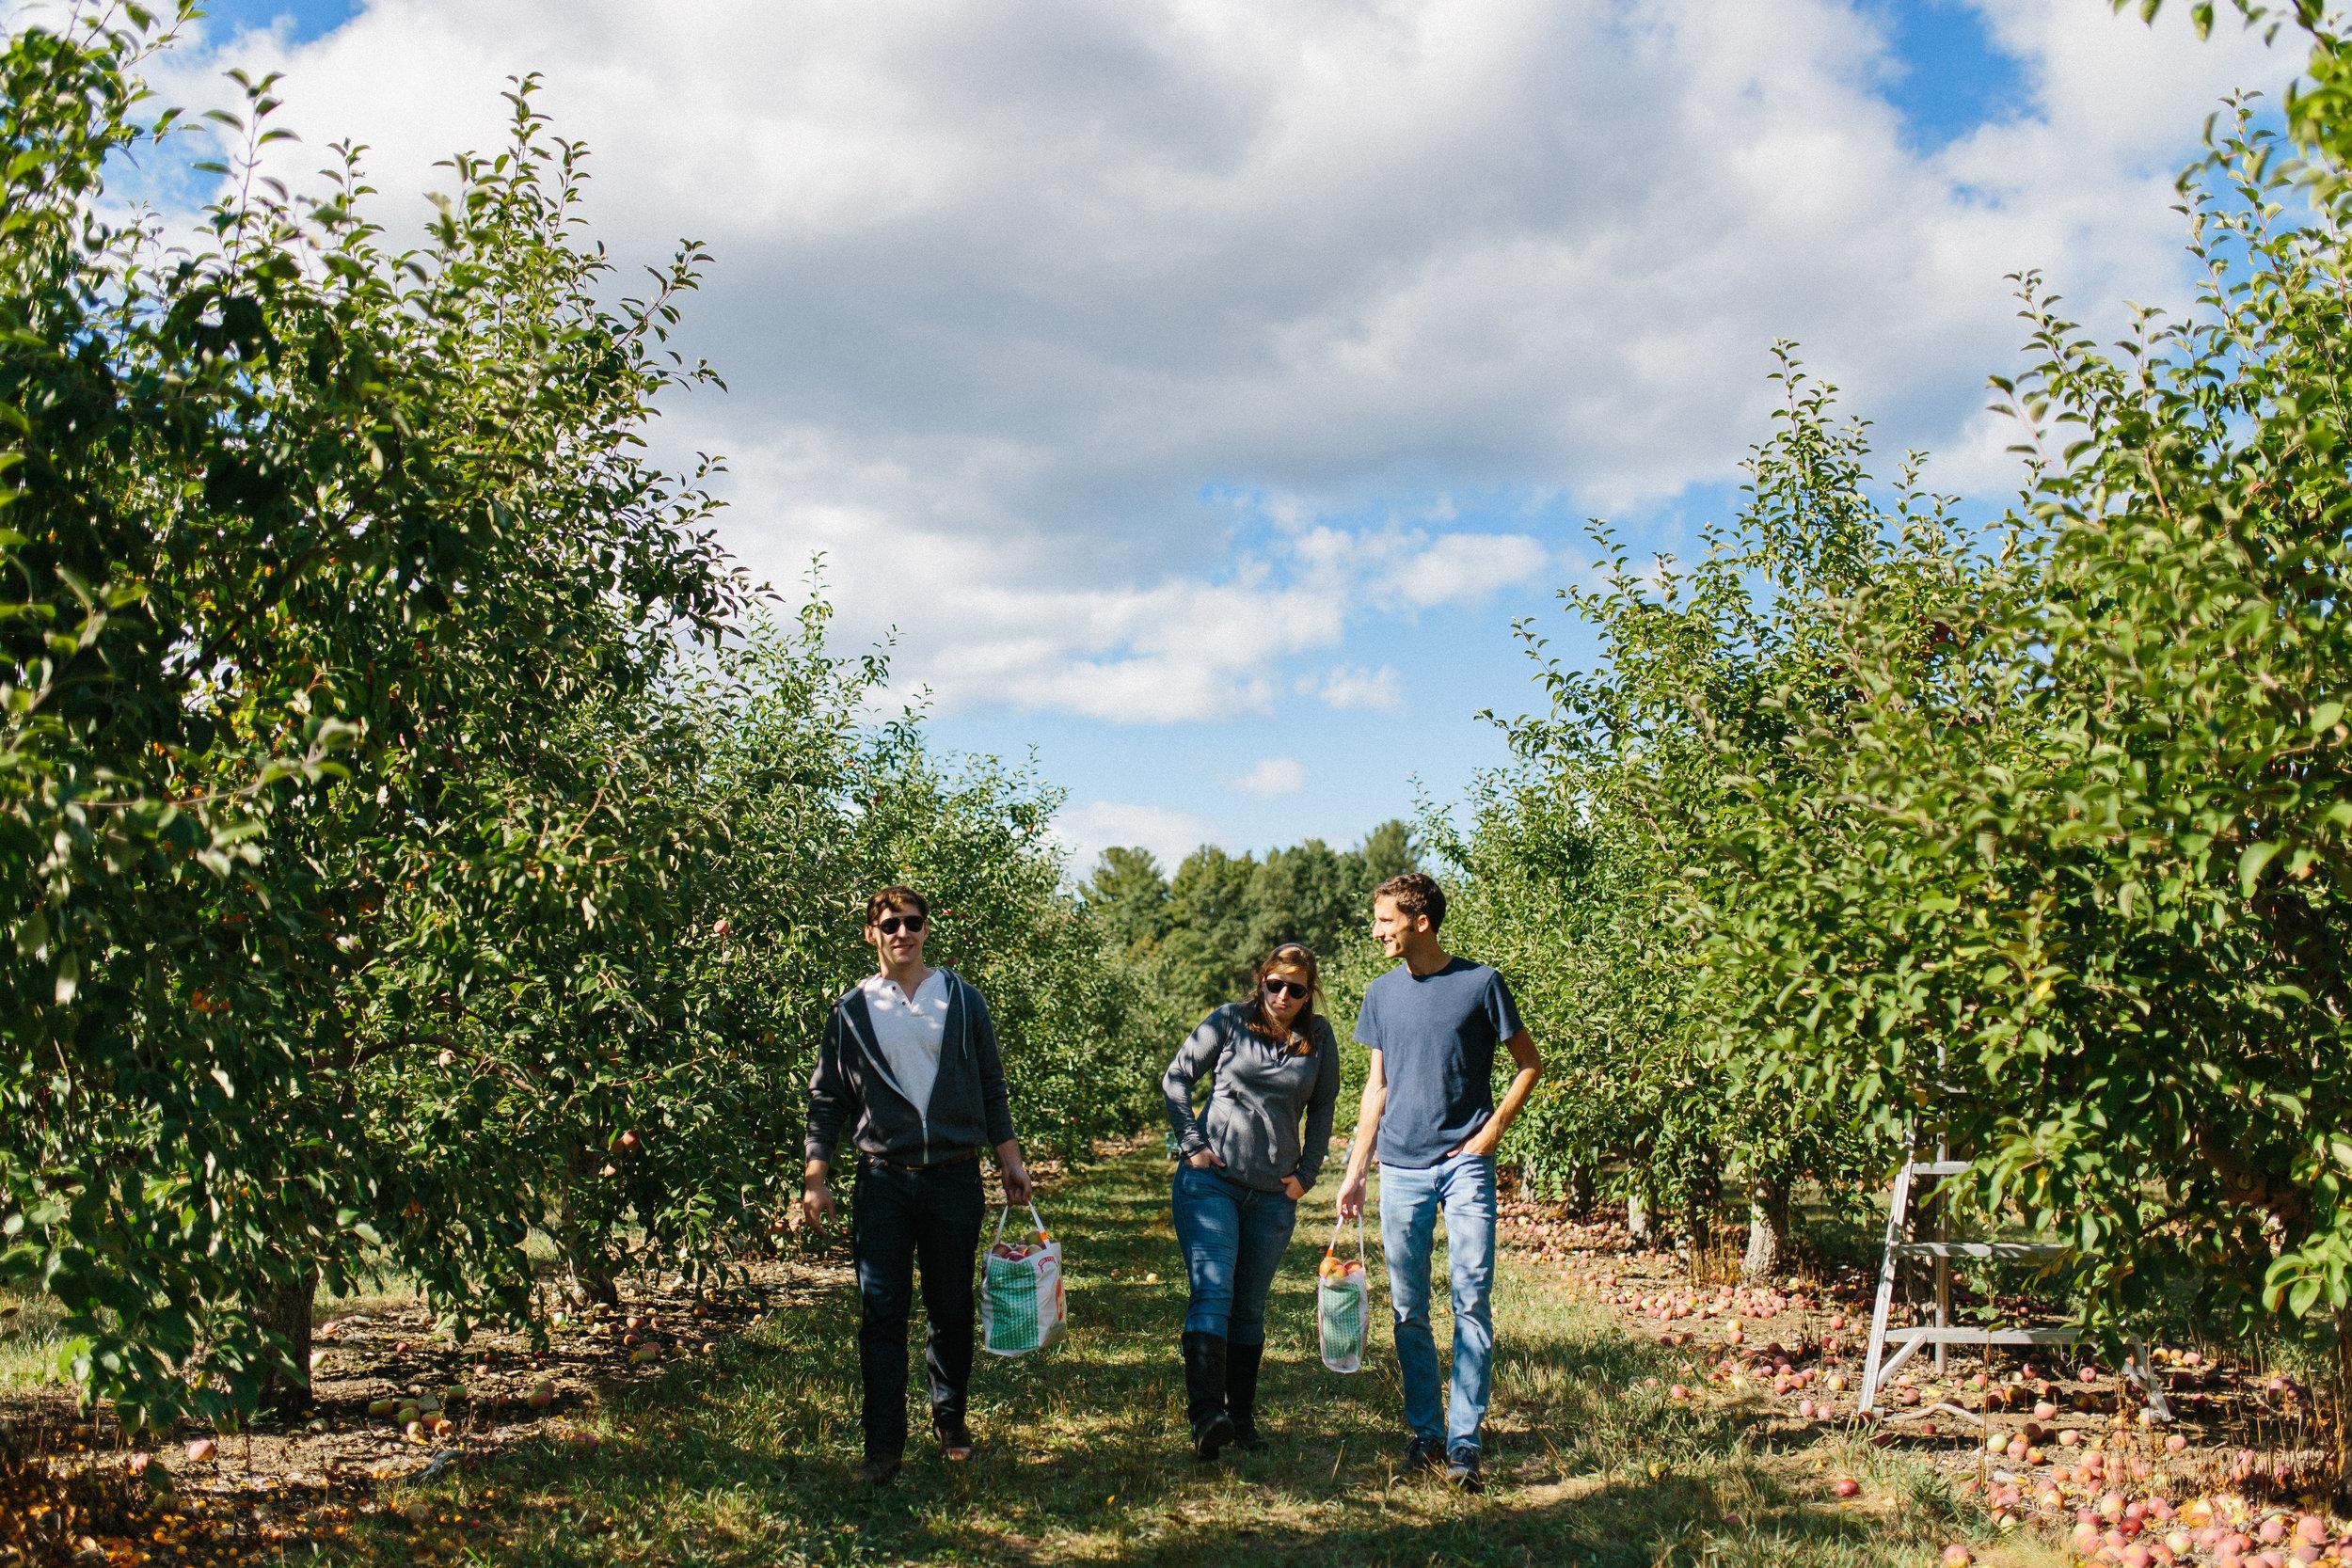 Friends Walking in an Apple Orchard